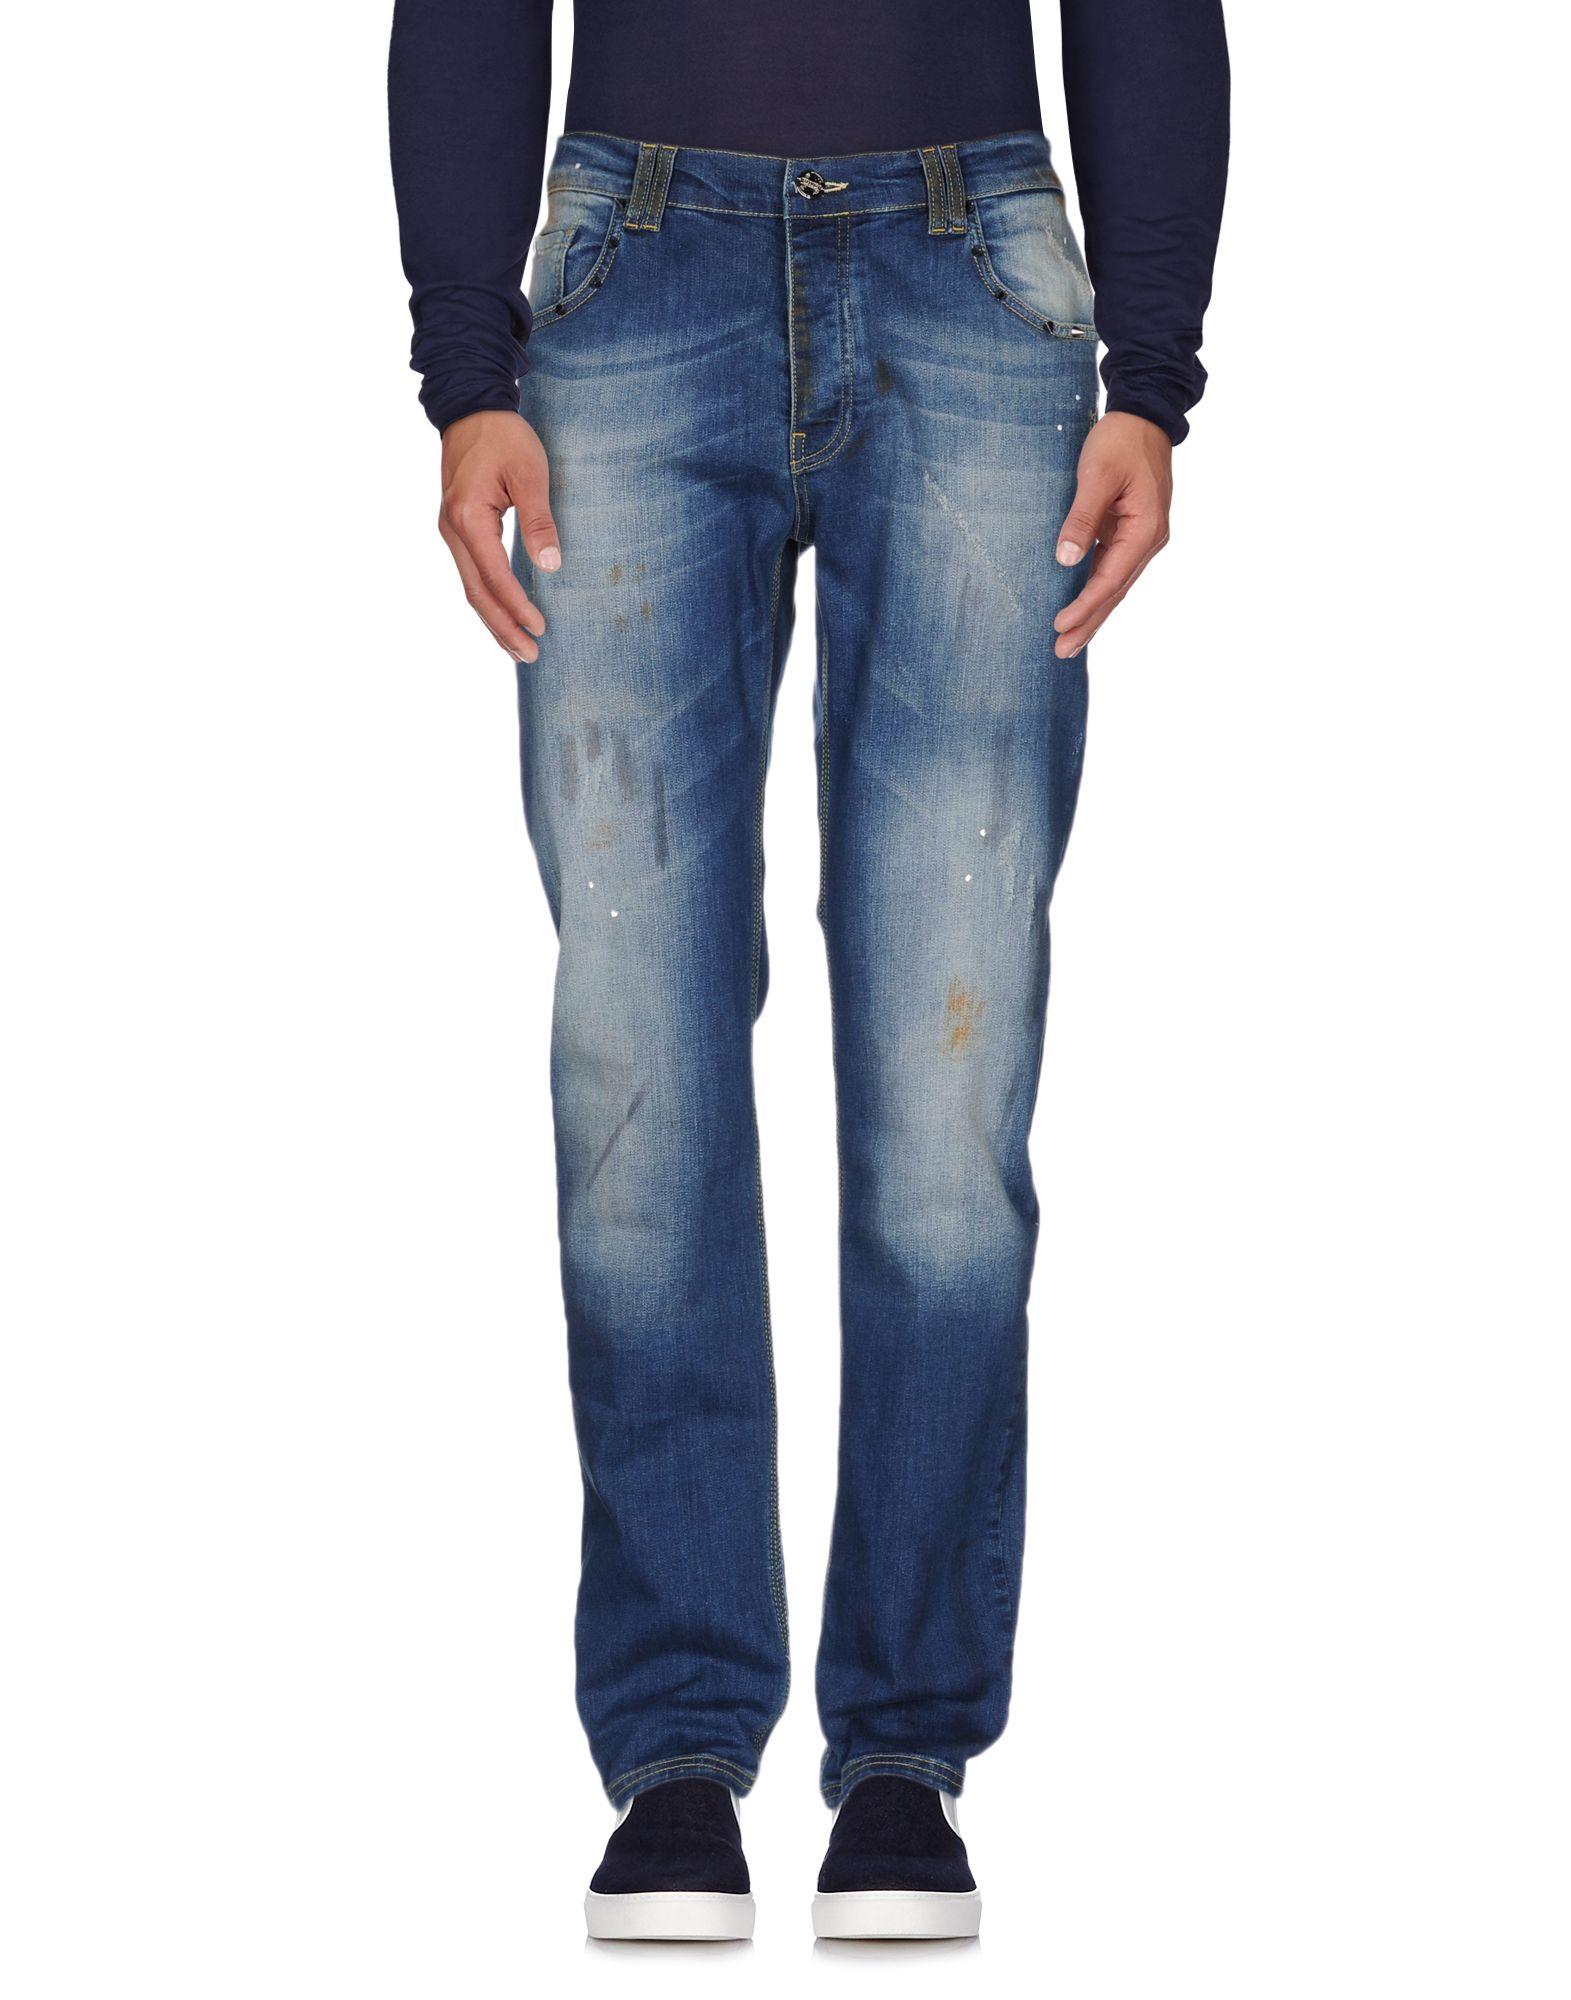 Pantaloni Jeans Les Éclaires Uomo - Acquista online su